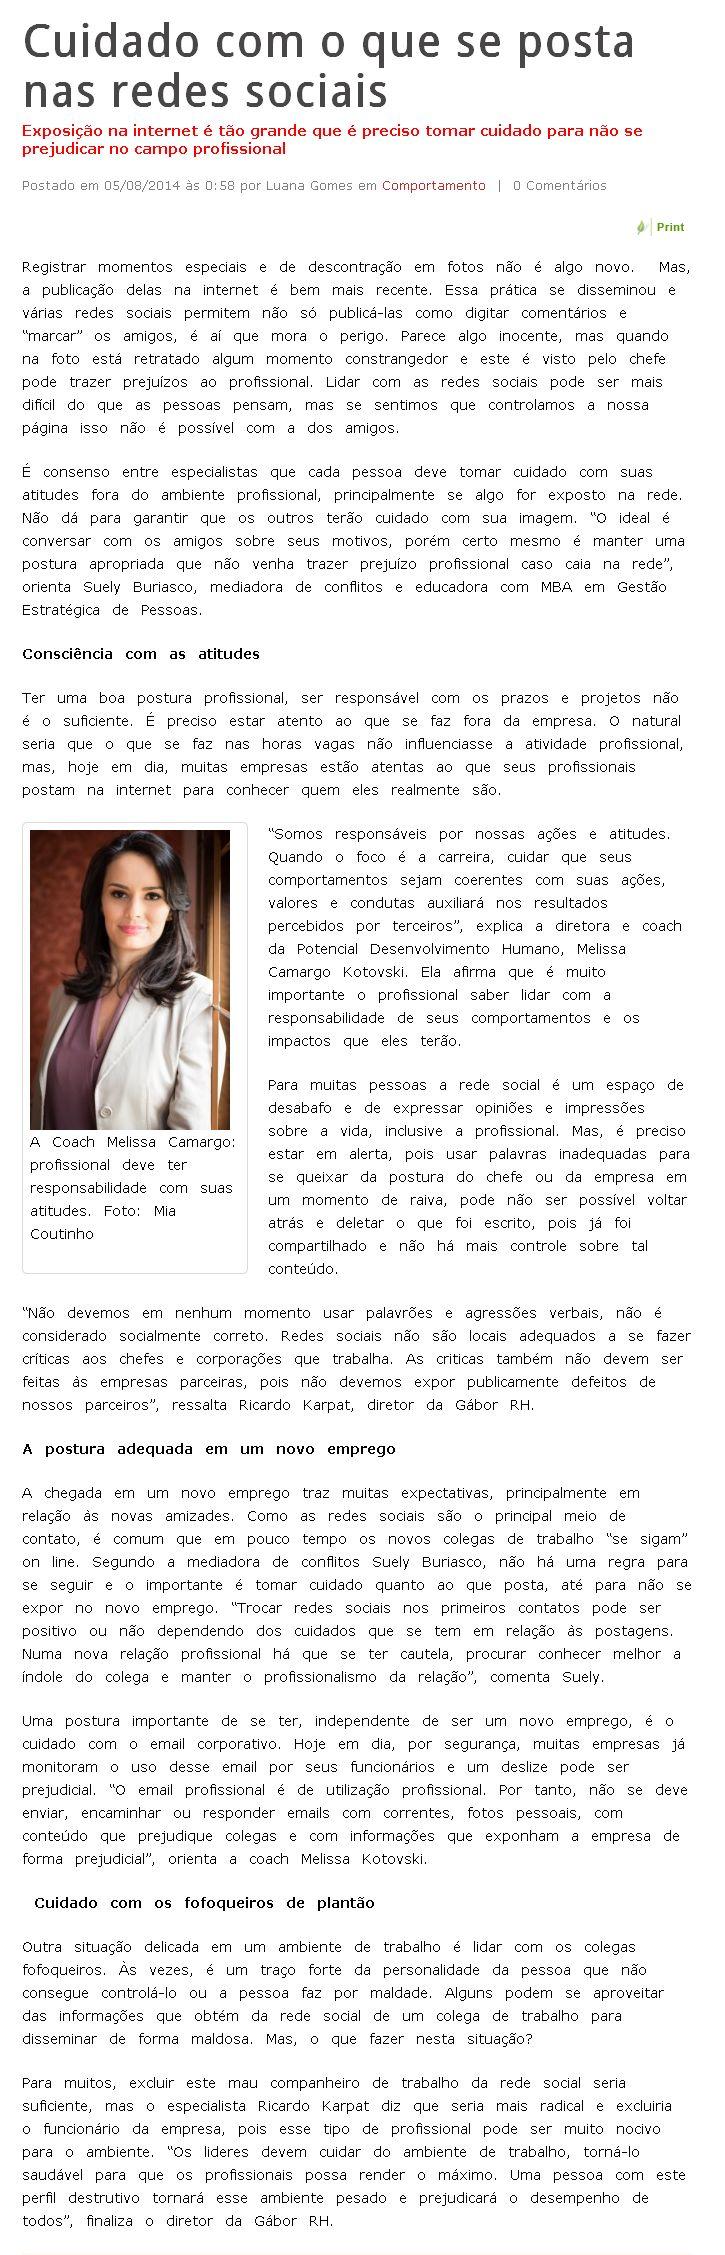 Imprensa | O Estado RJ: Cuidado com o que se posta nas redes sociais